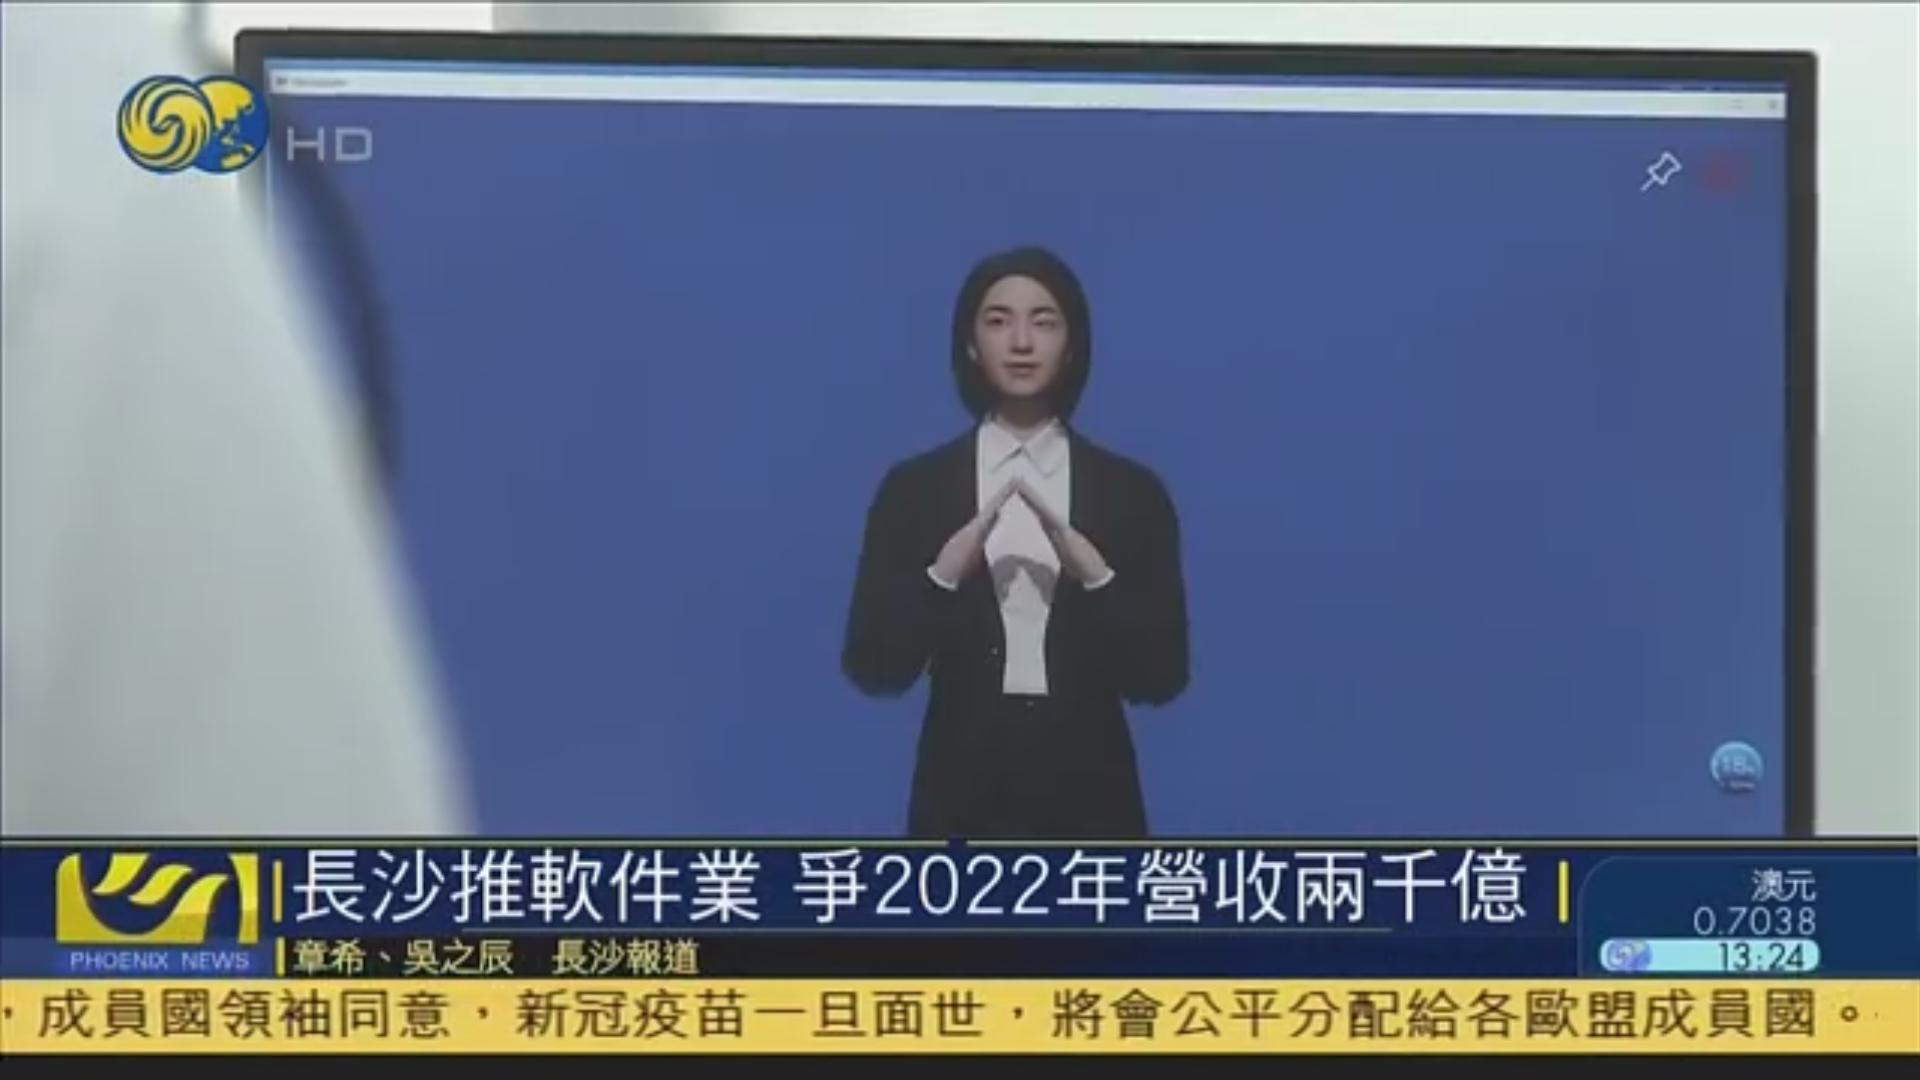 長沙推軟件業 力爭2022年營收兩千億